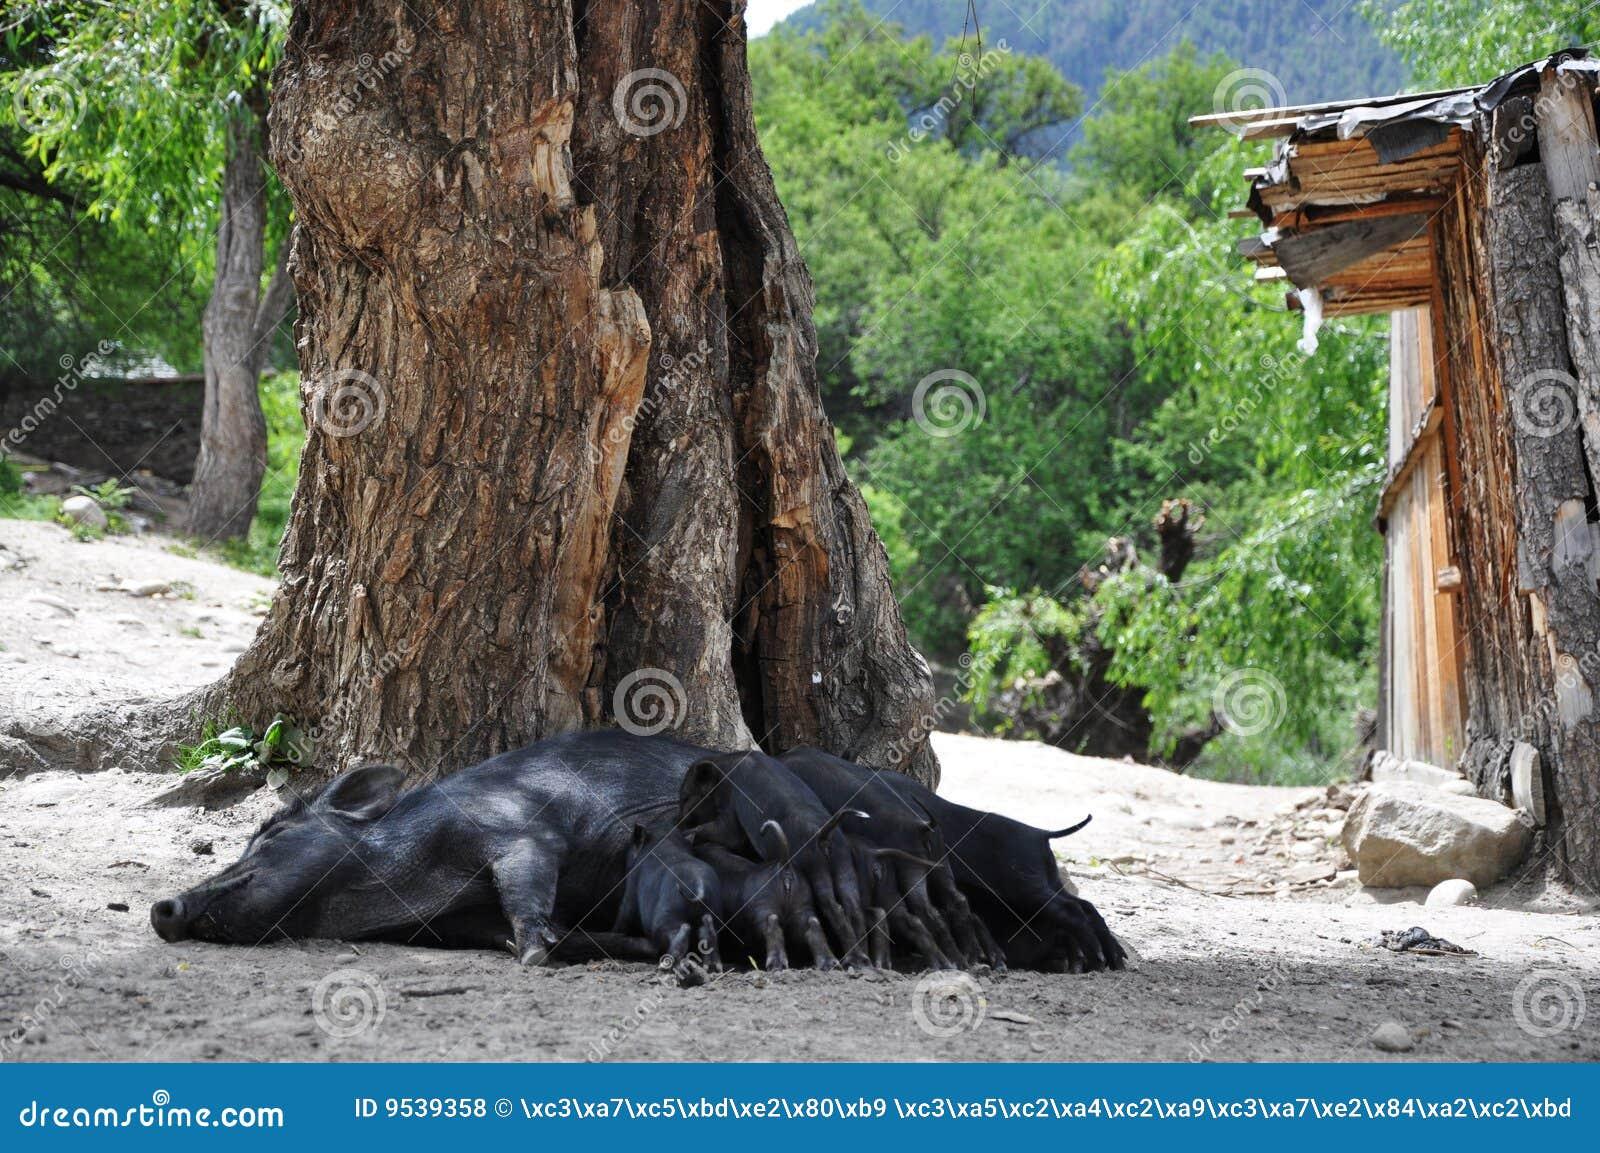 sau, die seine kinder in tibet speist stockfoto - bild von